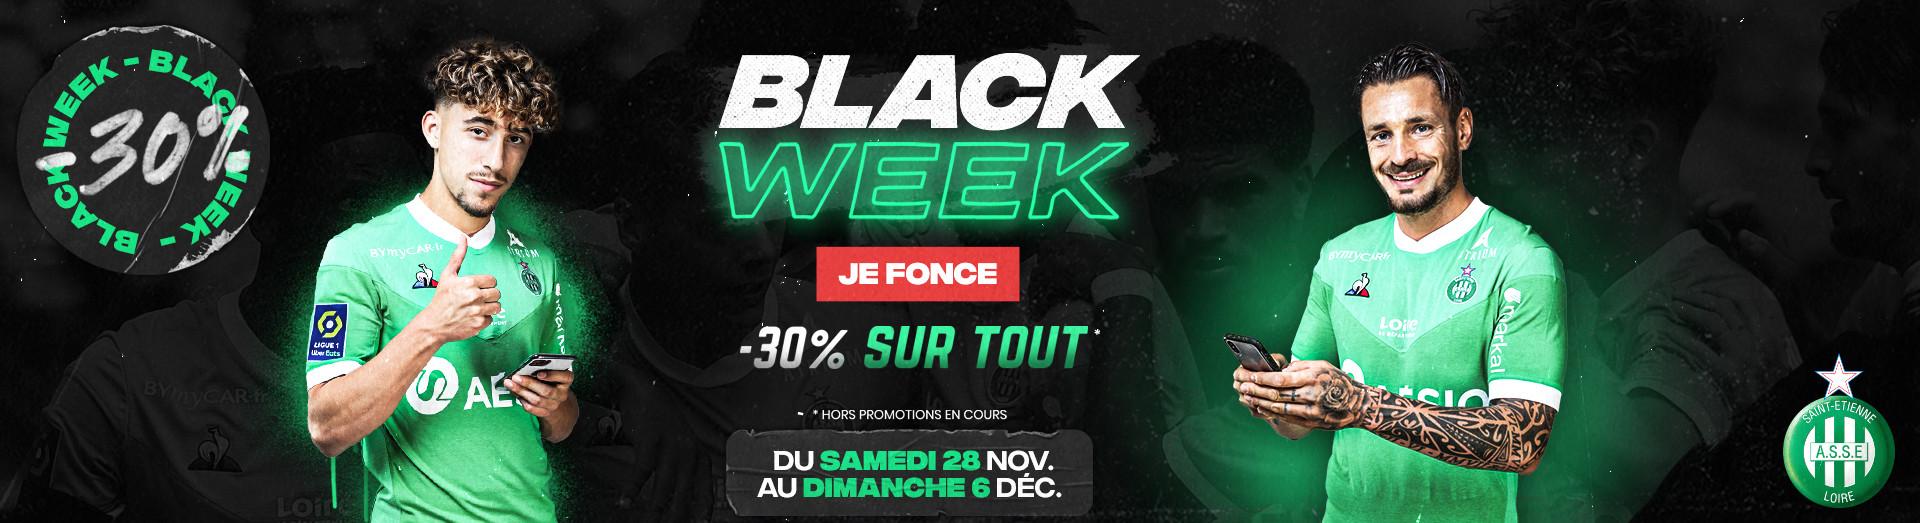 Black Week 2020 -30% sur tout